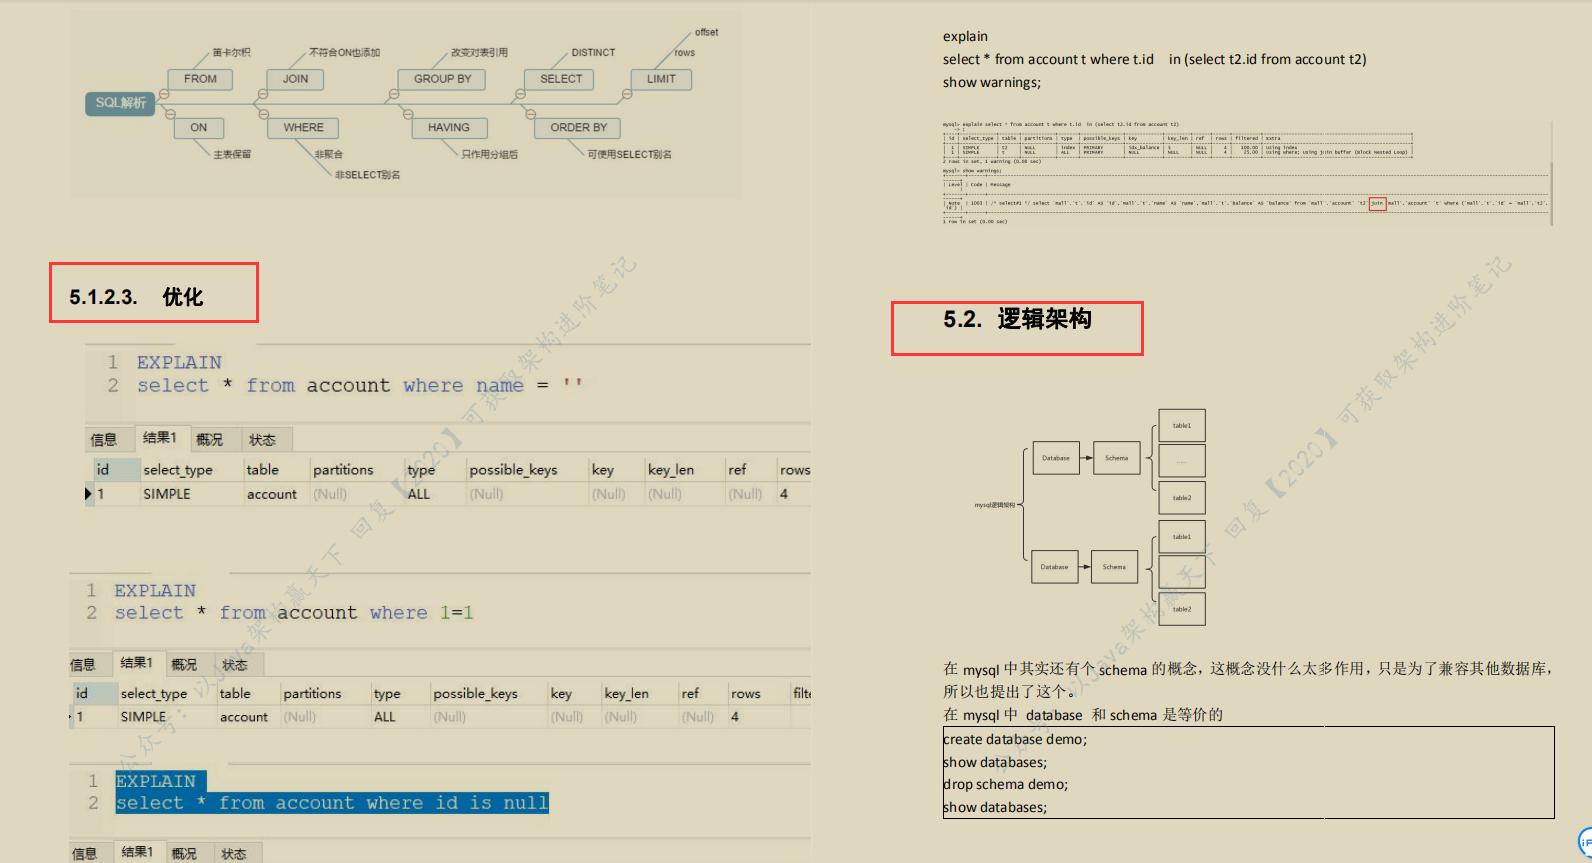 全网火爆MySql 开源笔记,图文并茂易上手,阿里P8都说好